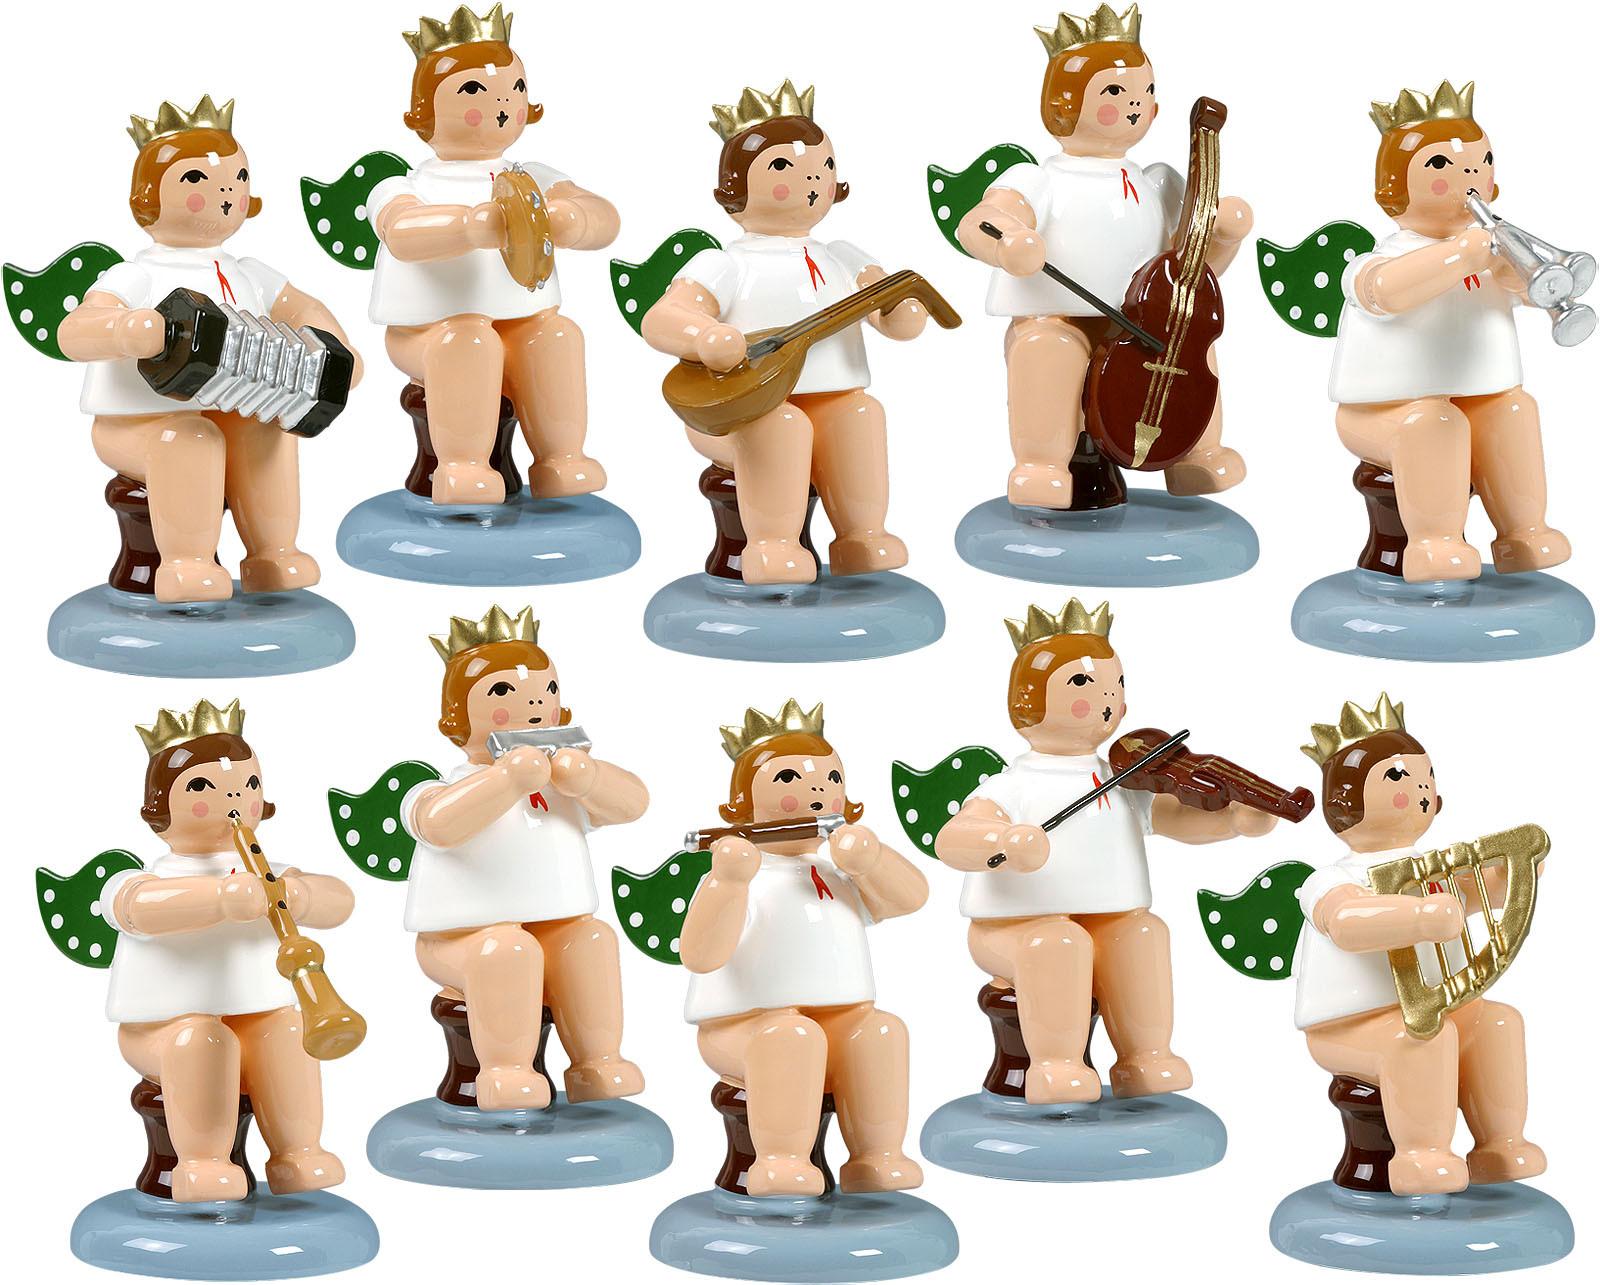 Engelmusikanten, sitzend, 10-teilig, Variante 3 - mit Krone